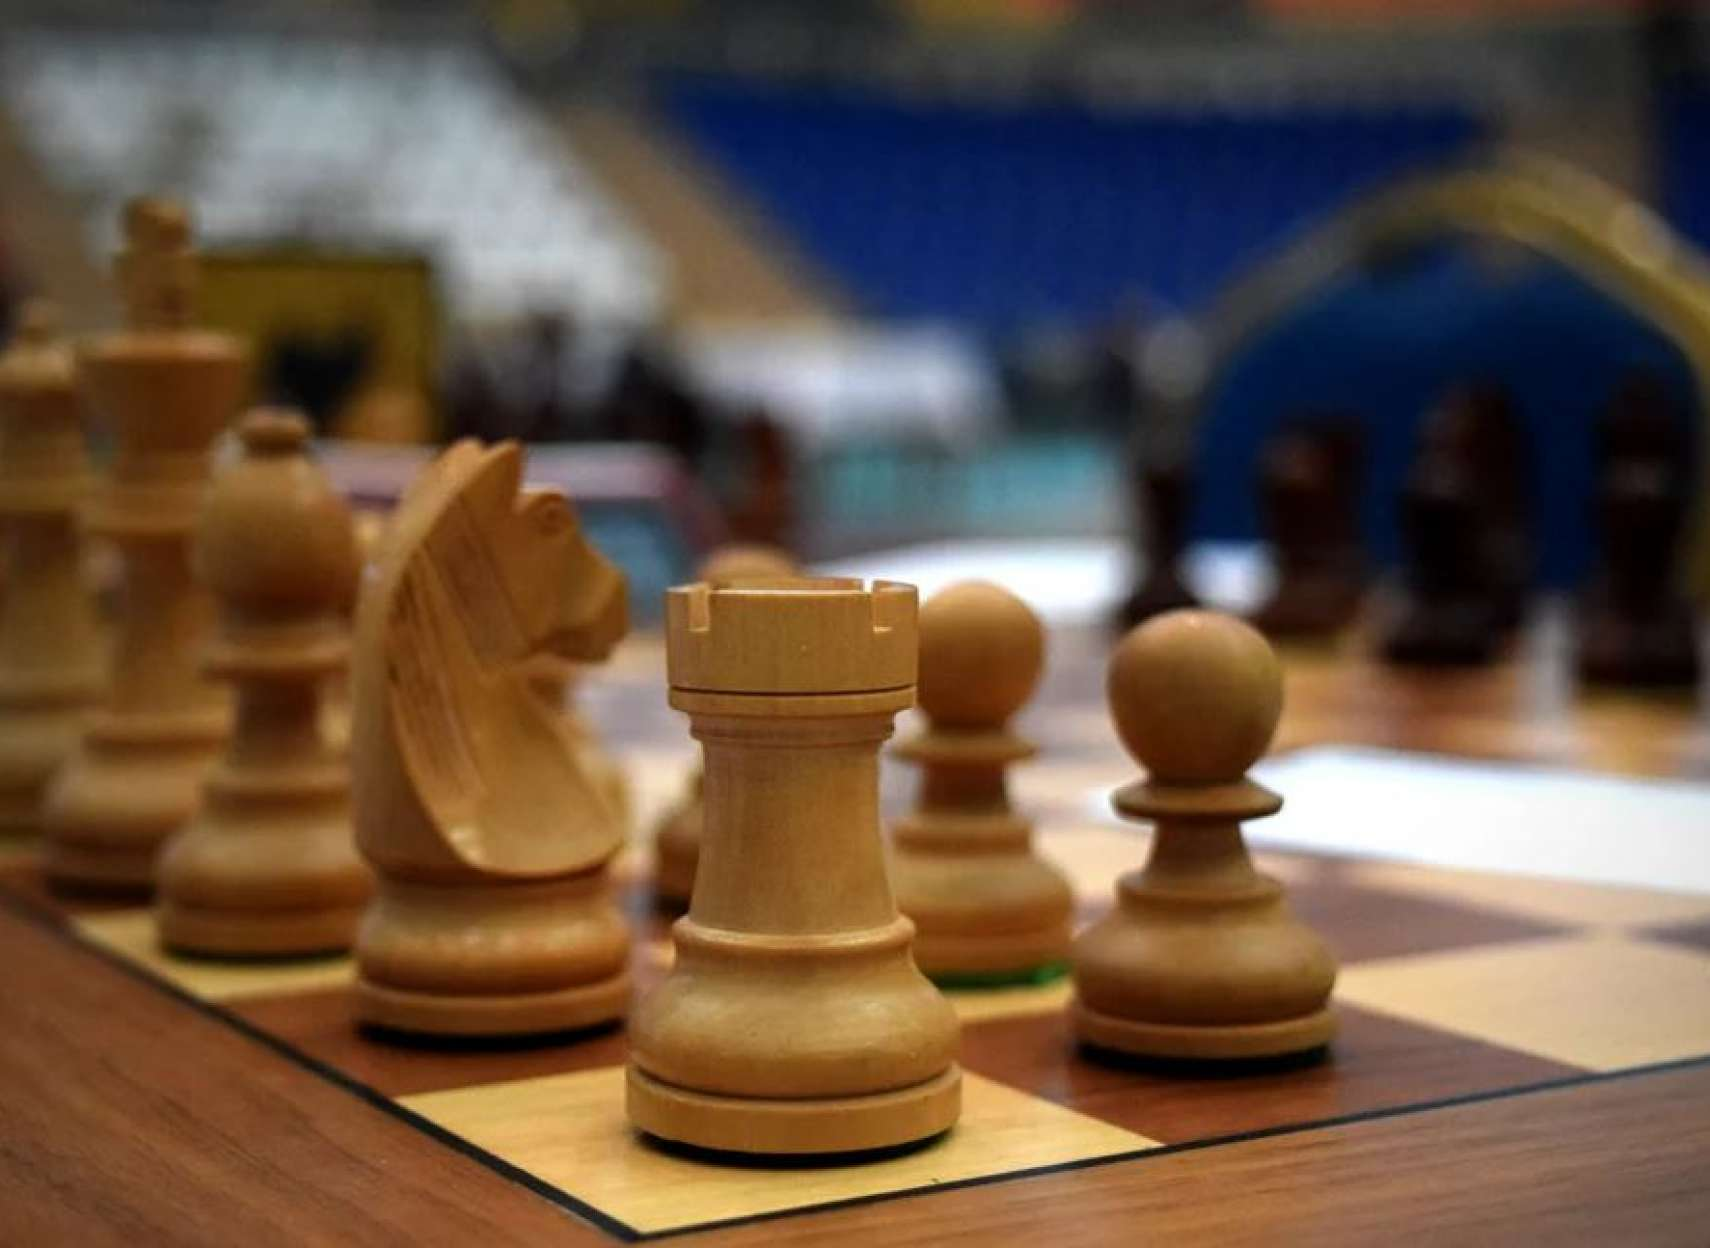 داستان-طرح-مورد-حمایت-کانادا-برای-تعلیق-شطرنج-ایران-چه-بود-و-چرا-رای-نیاورد